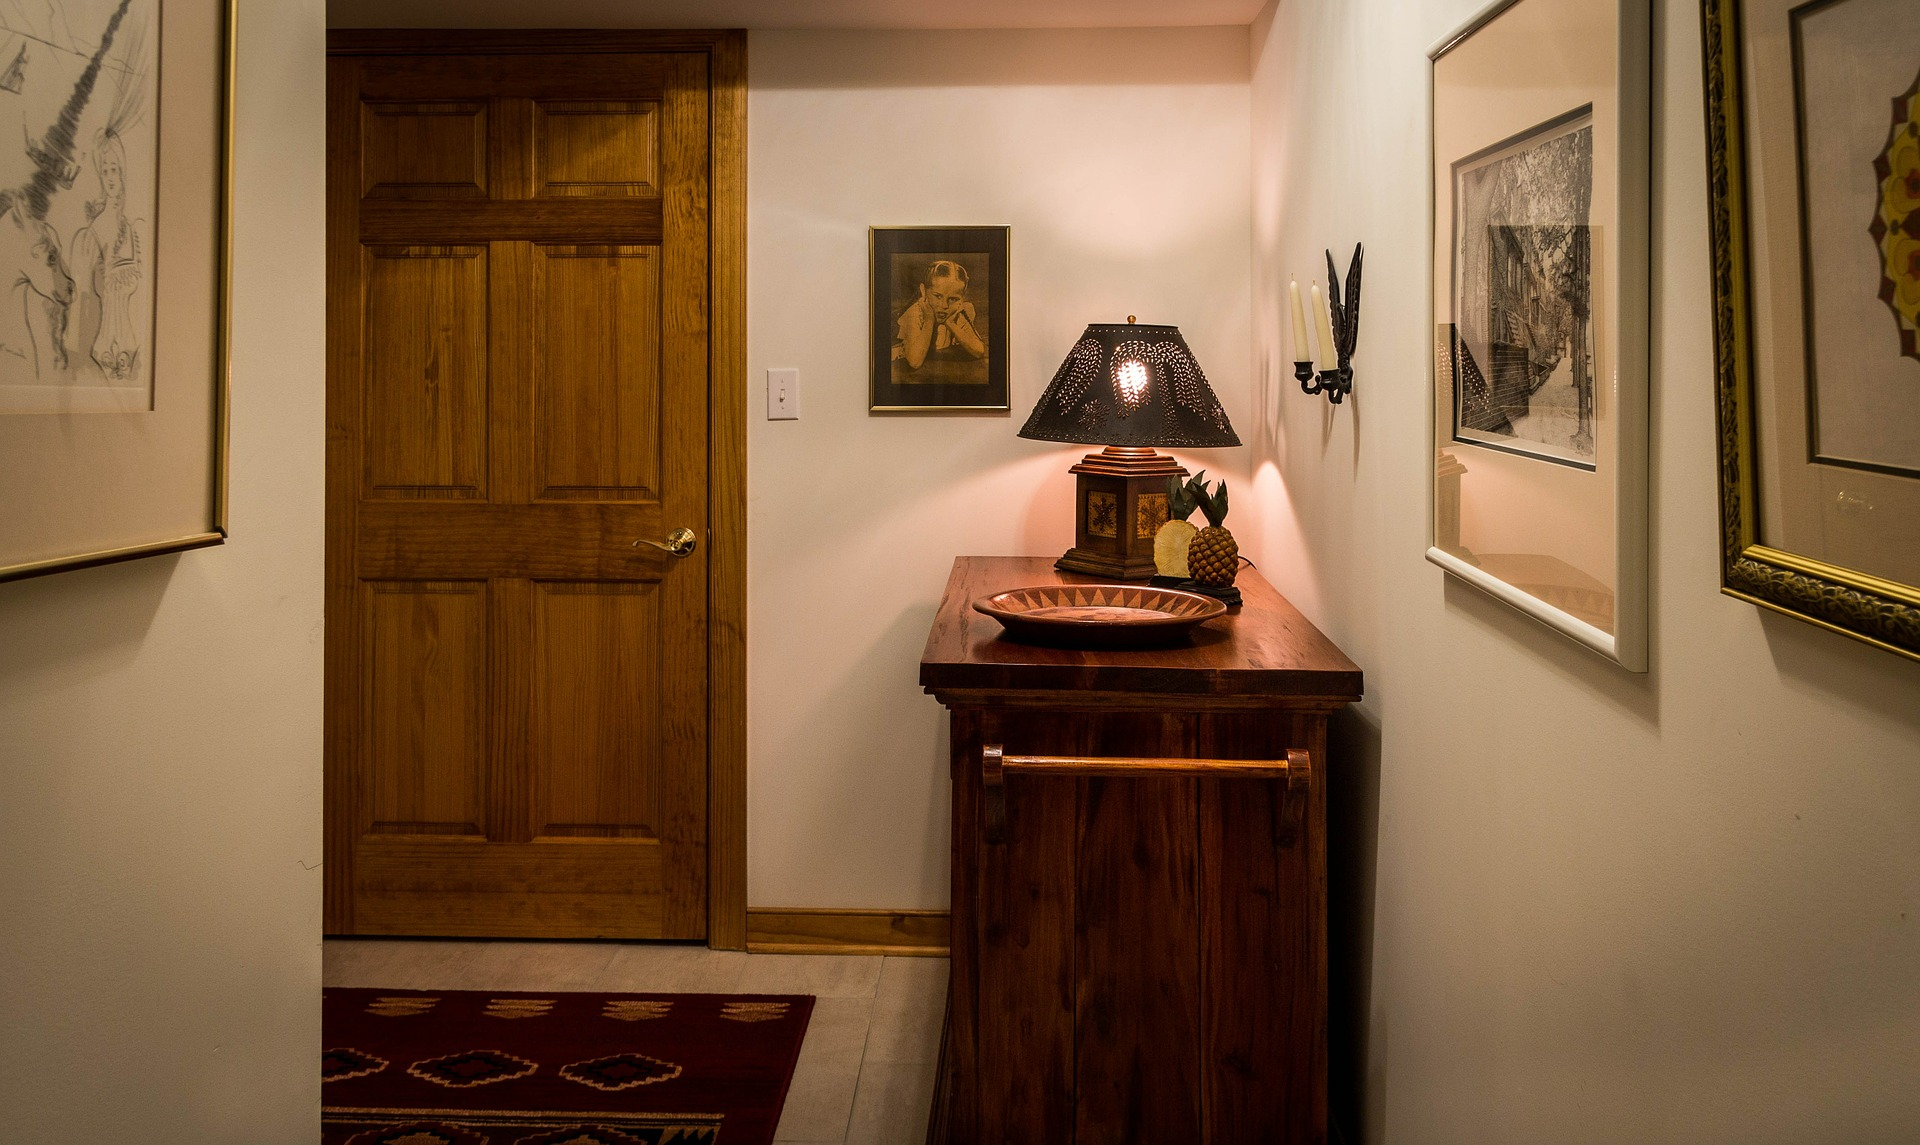 furniture 382154 1920 - BLOG